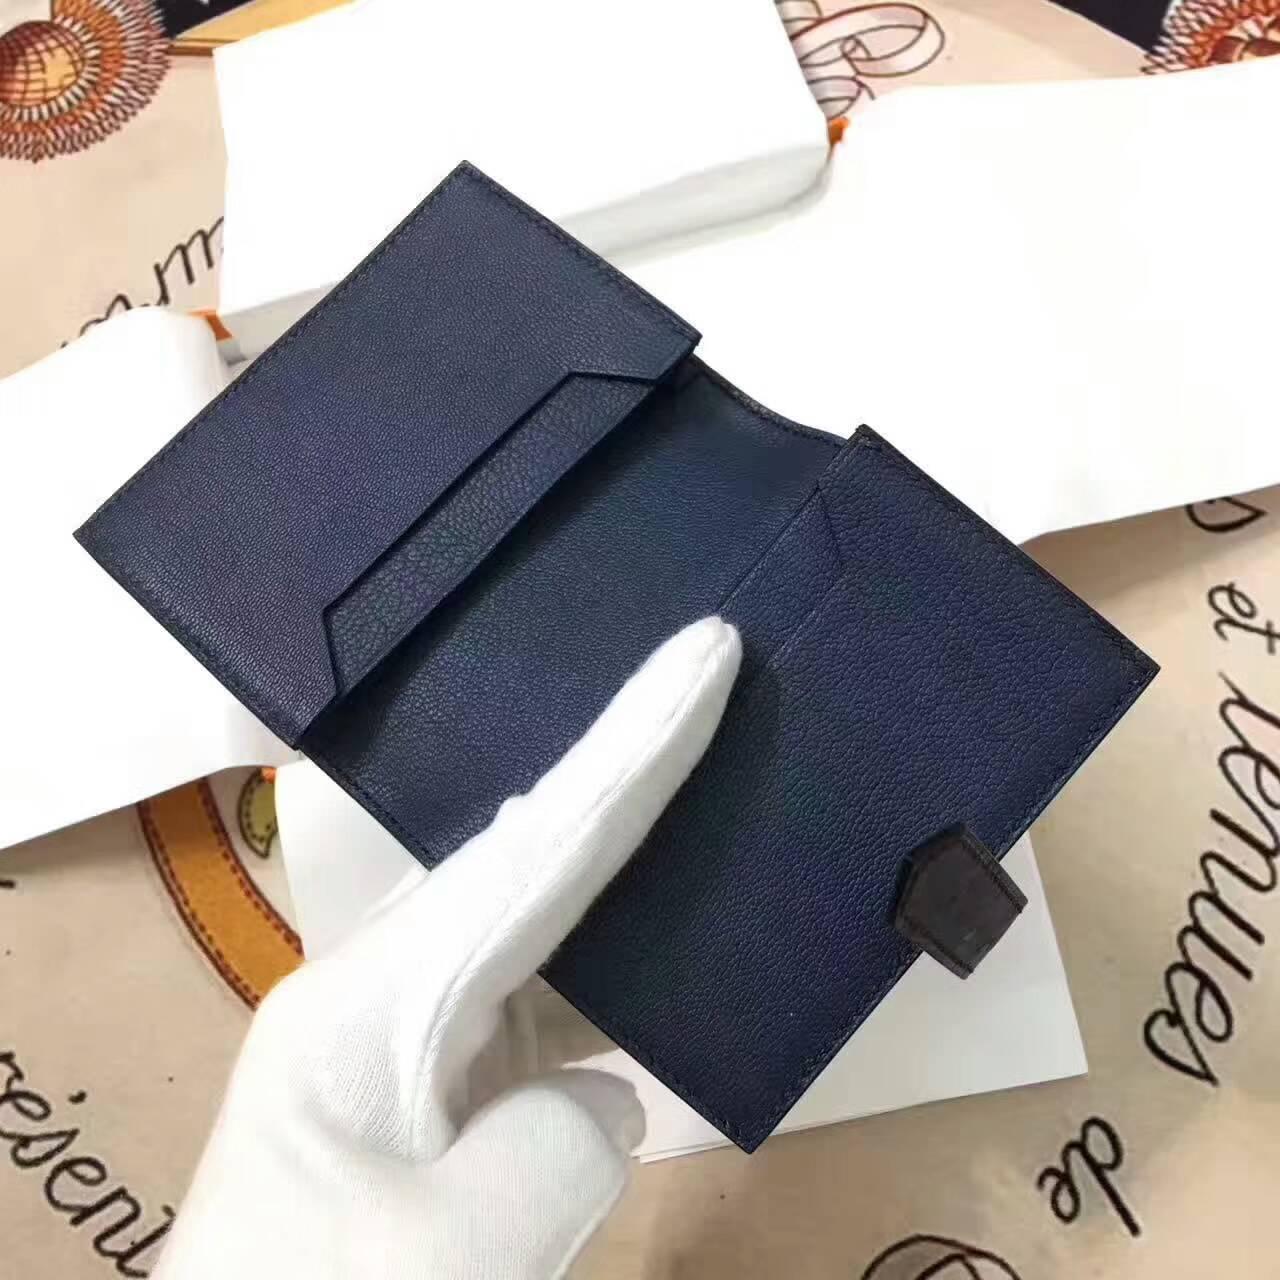 爱马仕卡包 鸵鸟皮 深宝石蓝 银扣 手工蜡线 时尚又实用